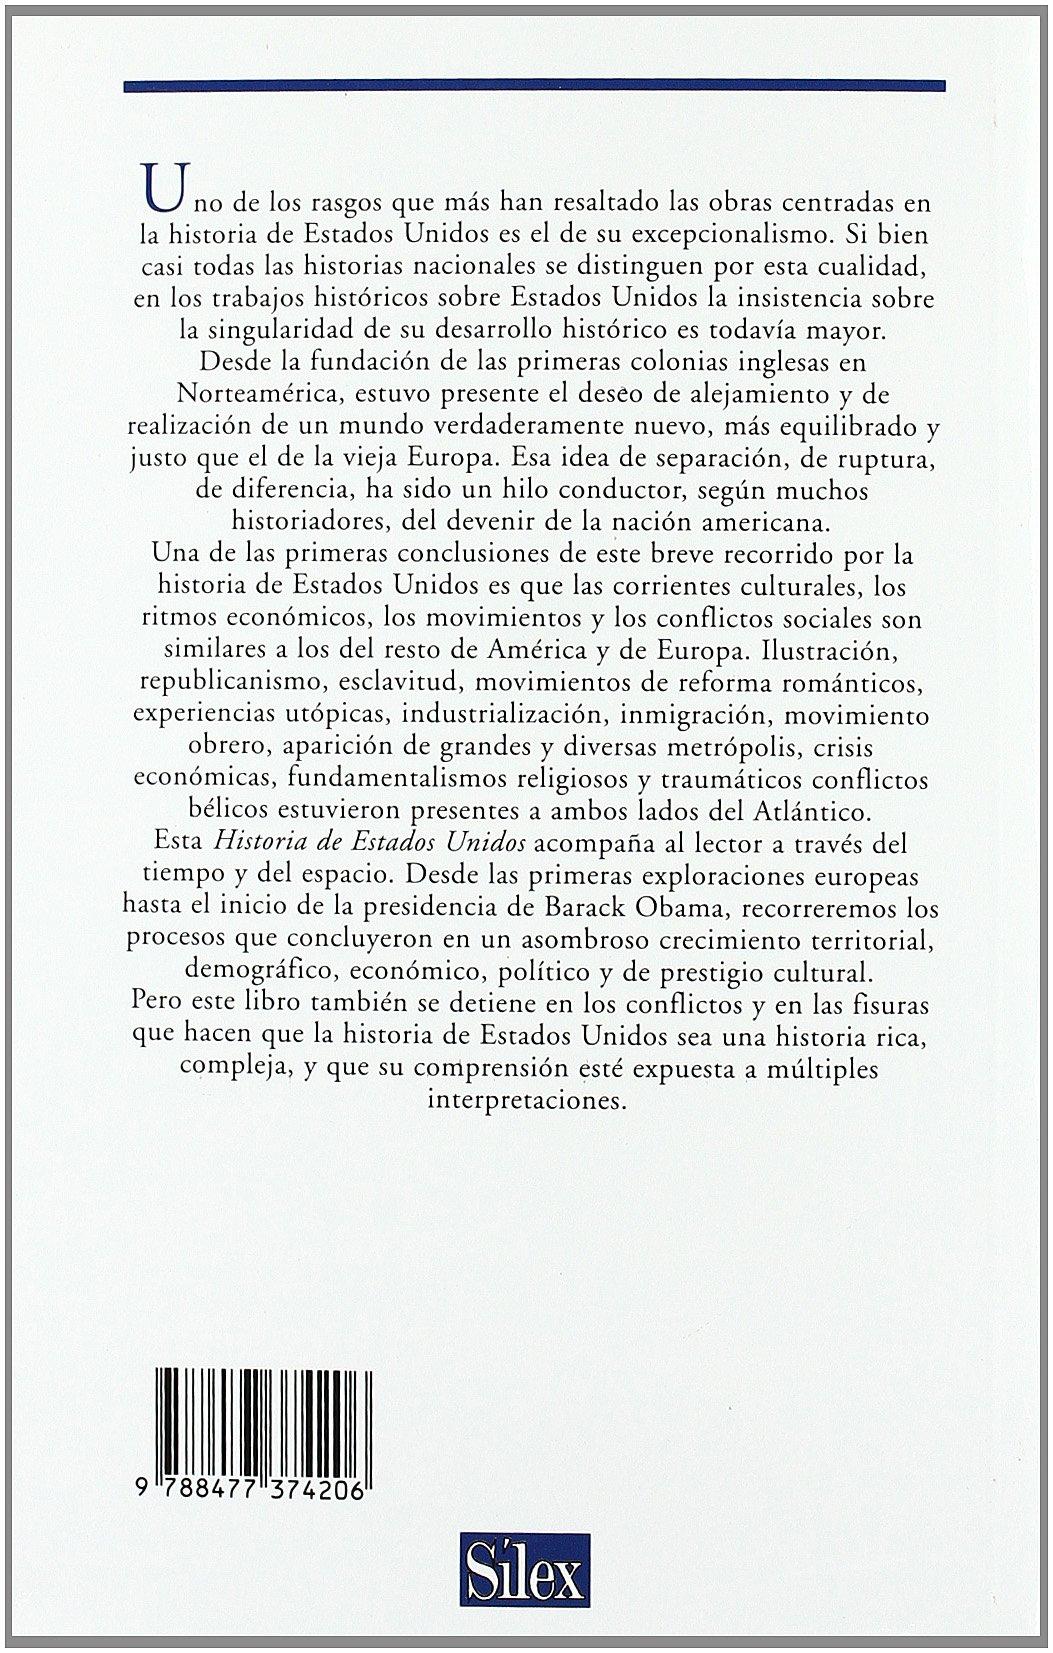 Historia de Estados Unidos: Amazon.es: Carmen De la Guardia Herrero: Libros